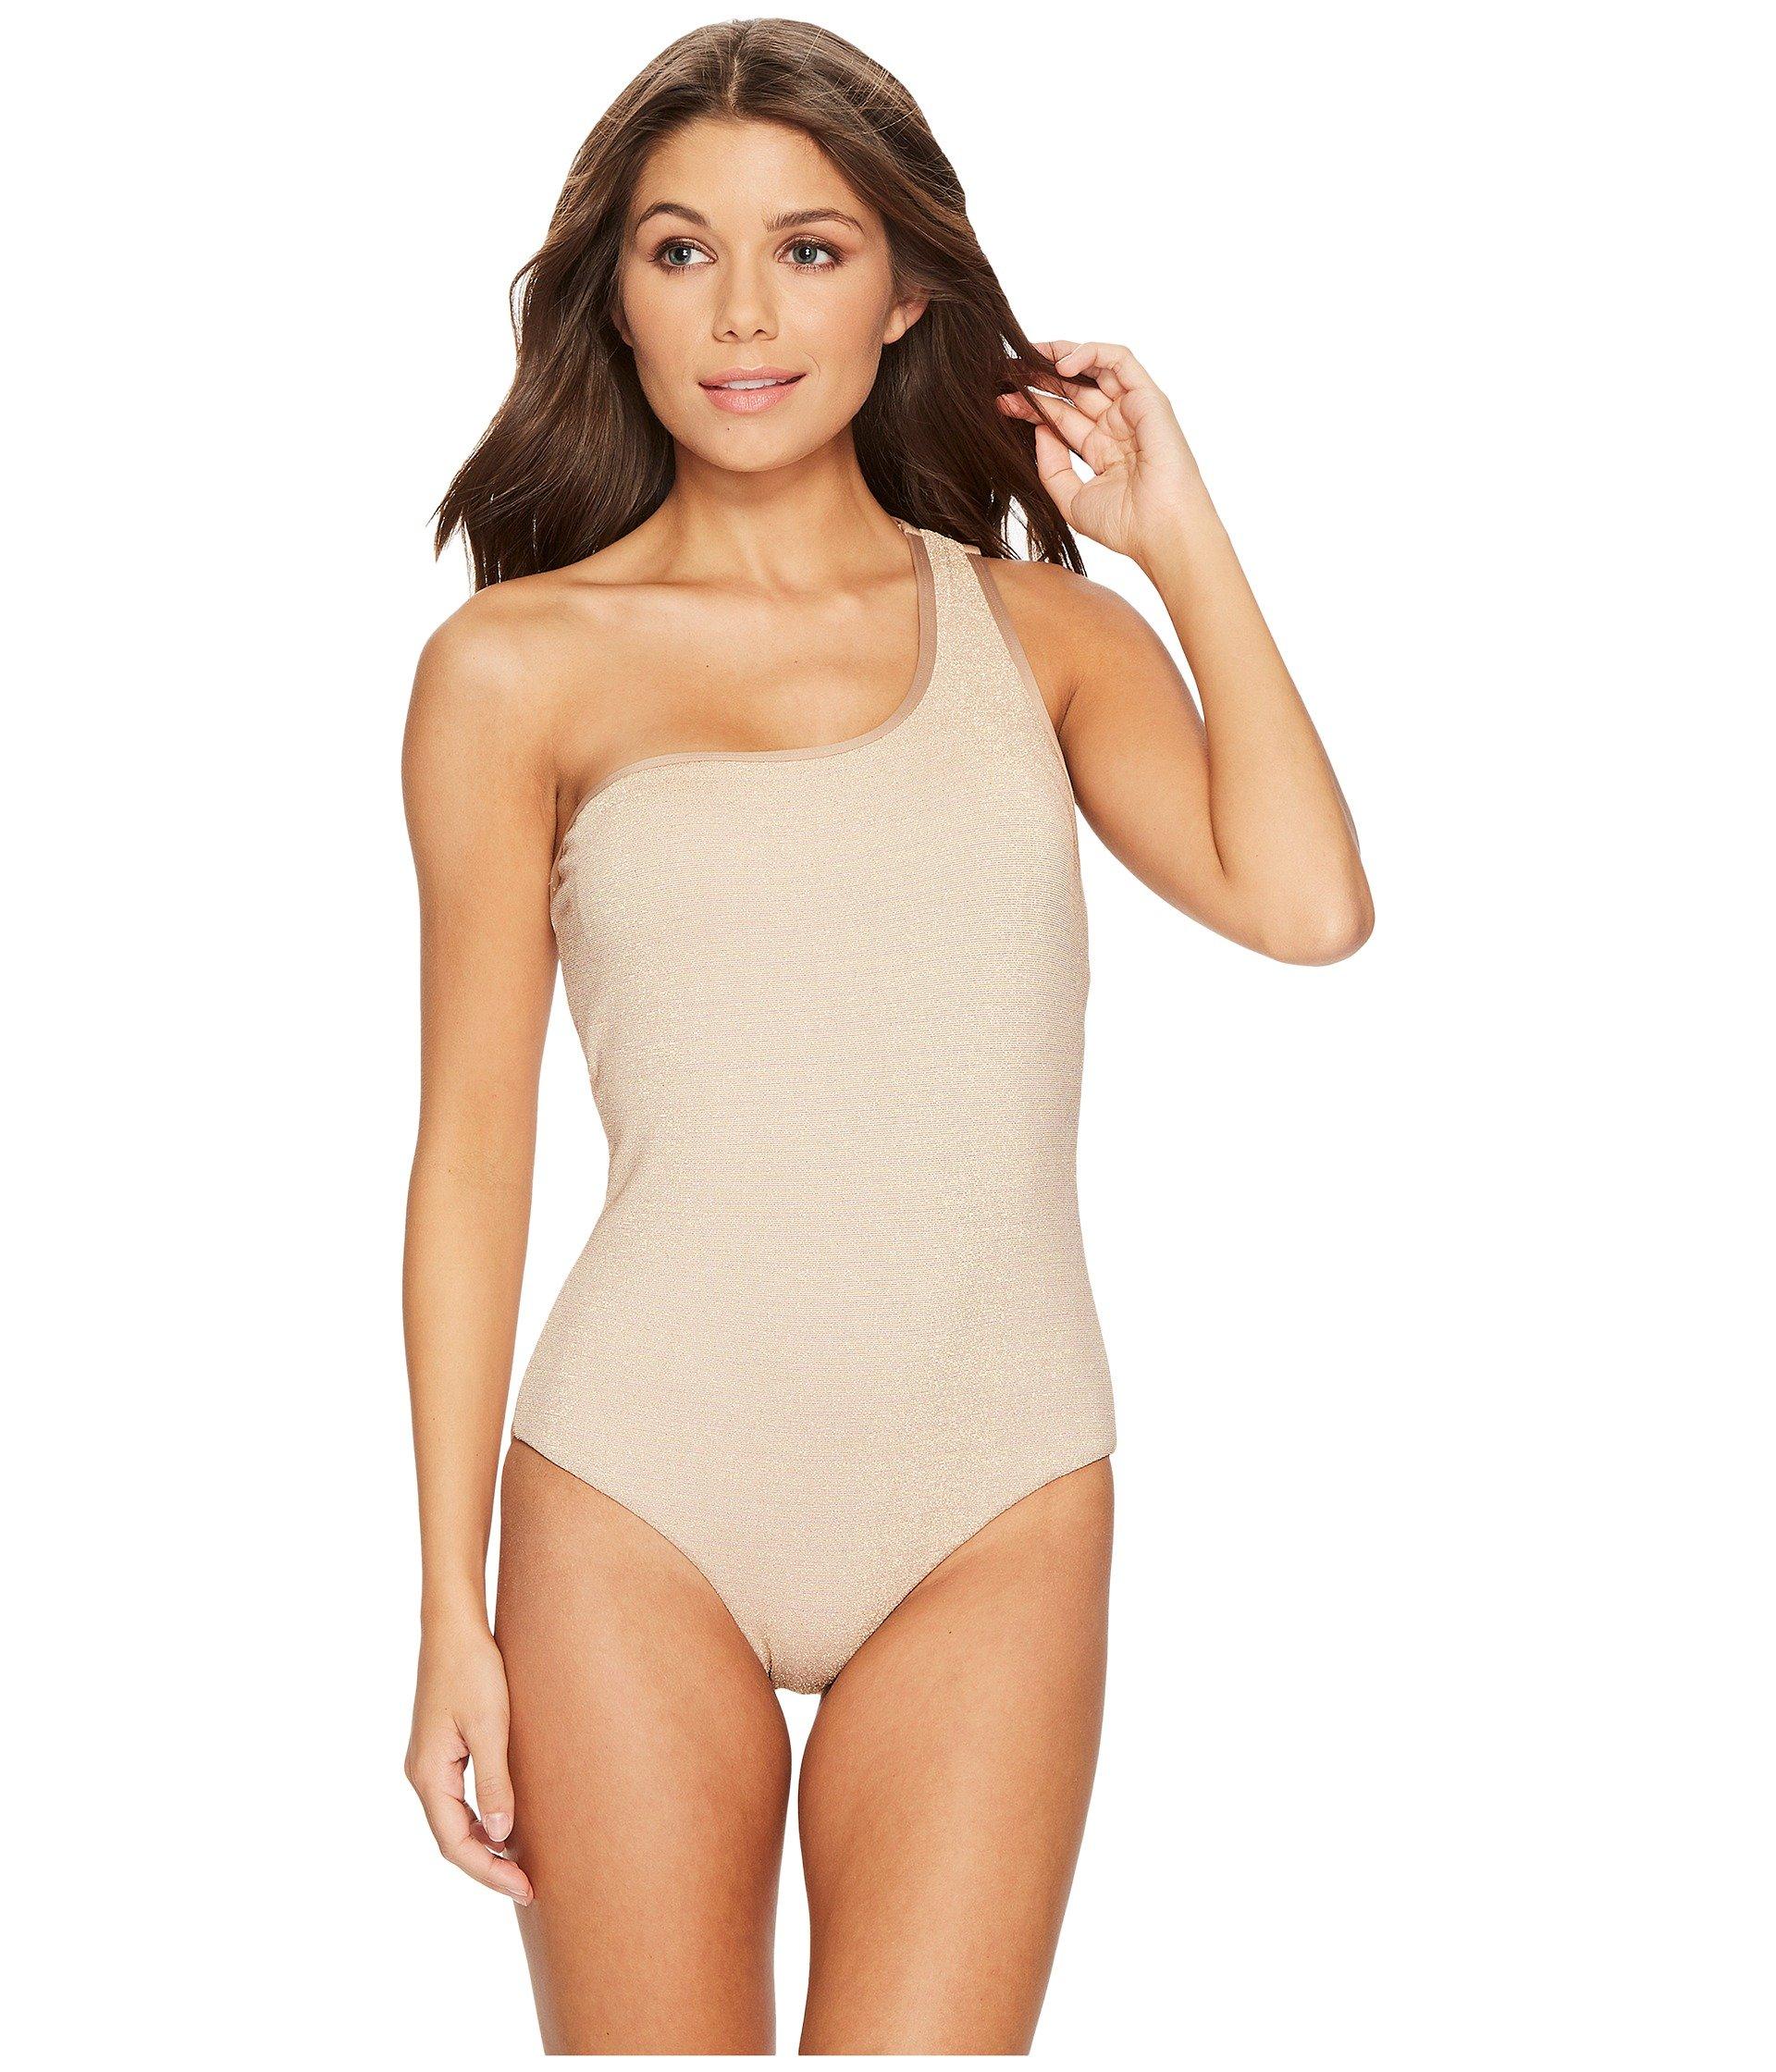 Jantzen Women's Texture Shoulder One Piece Swimsuit, Gold, 12